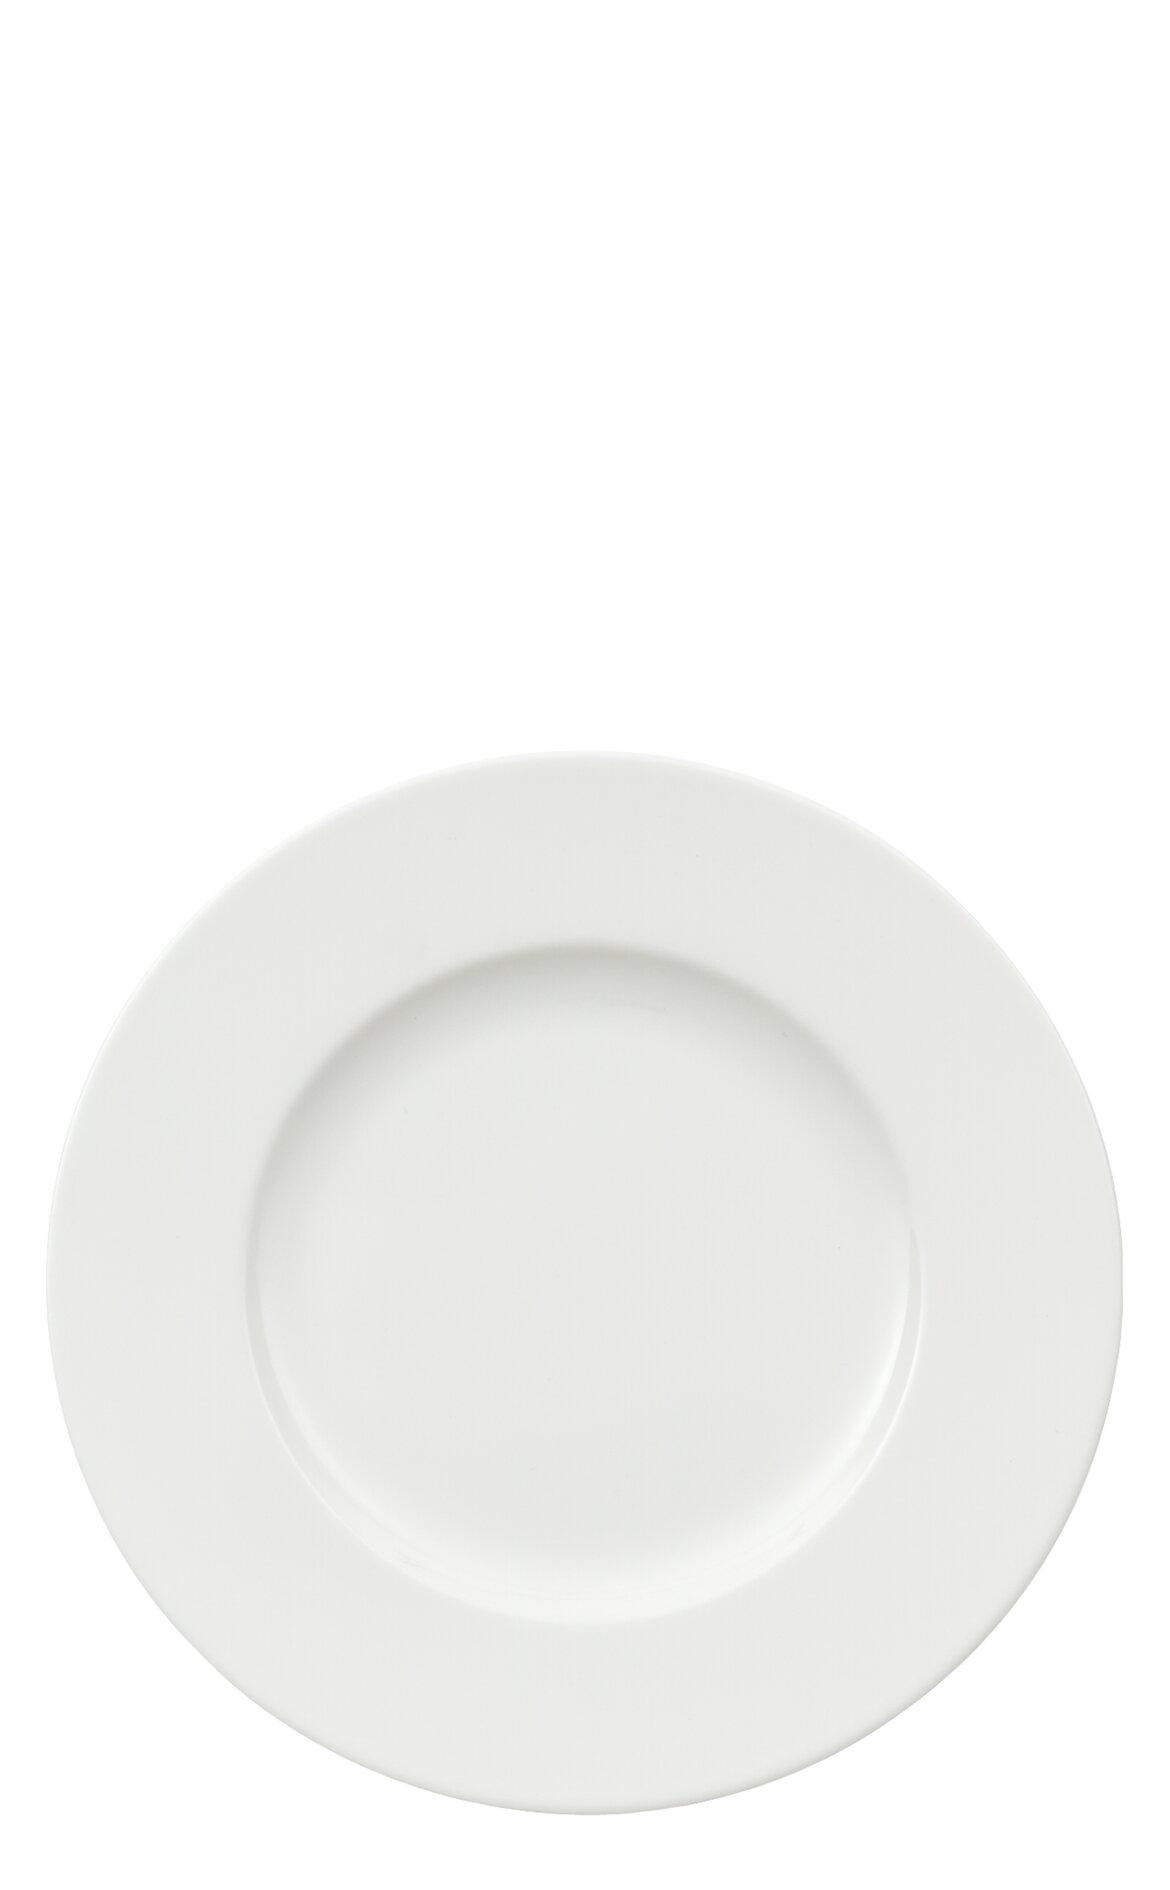 Villeroy & Boch-Villeroy & Boch Royal Ekmek Tabağı